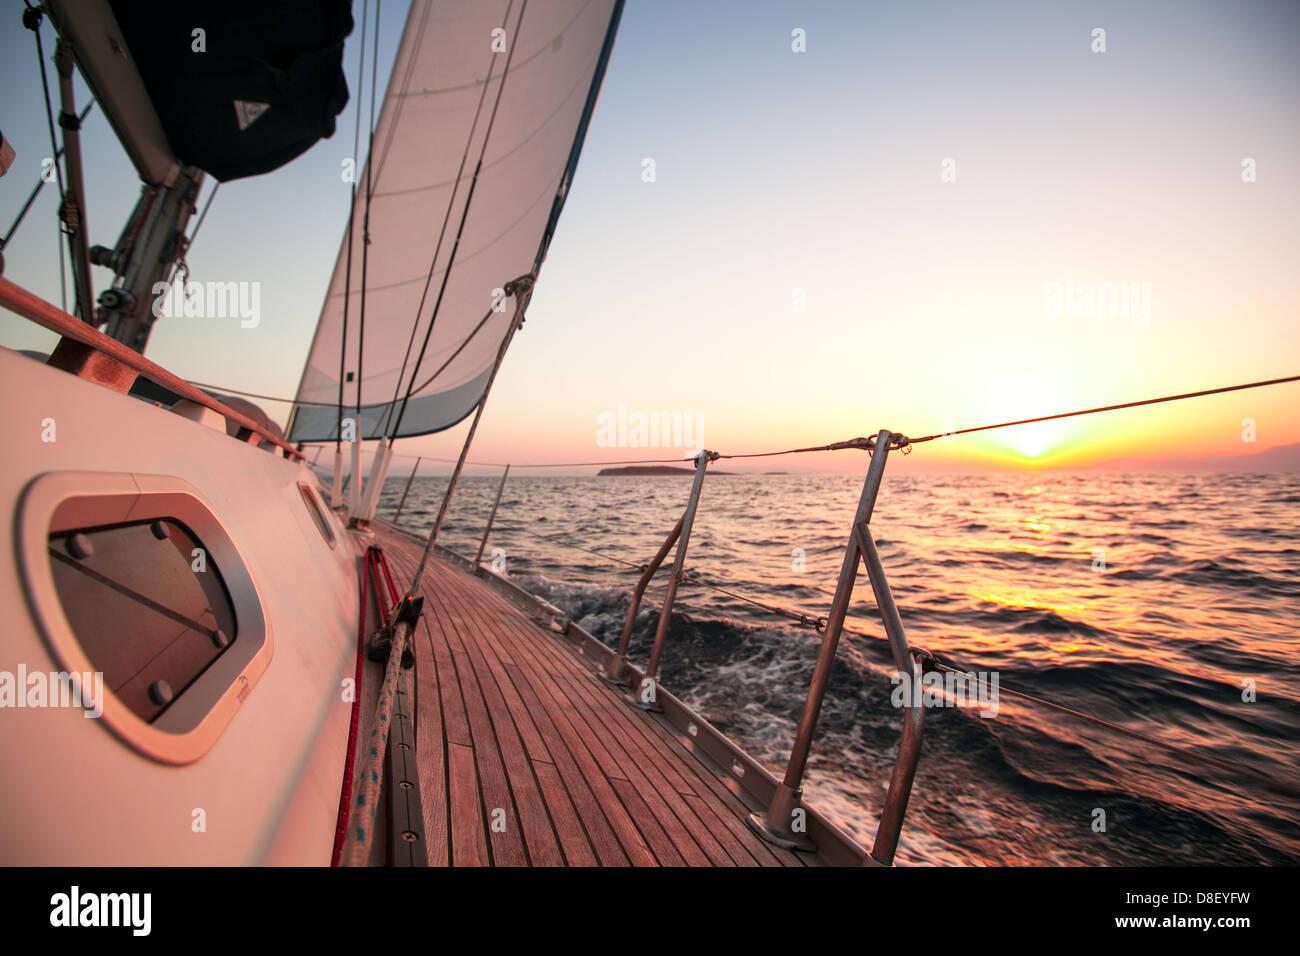 Sailing regatta in Greece - Stock Image